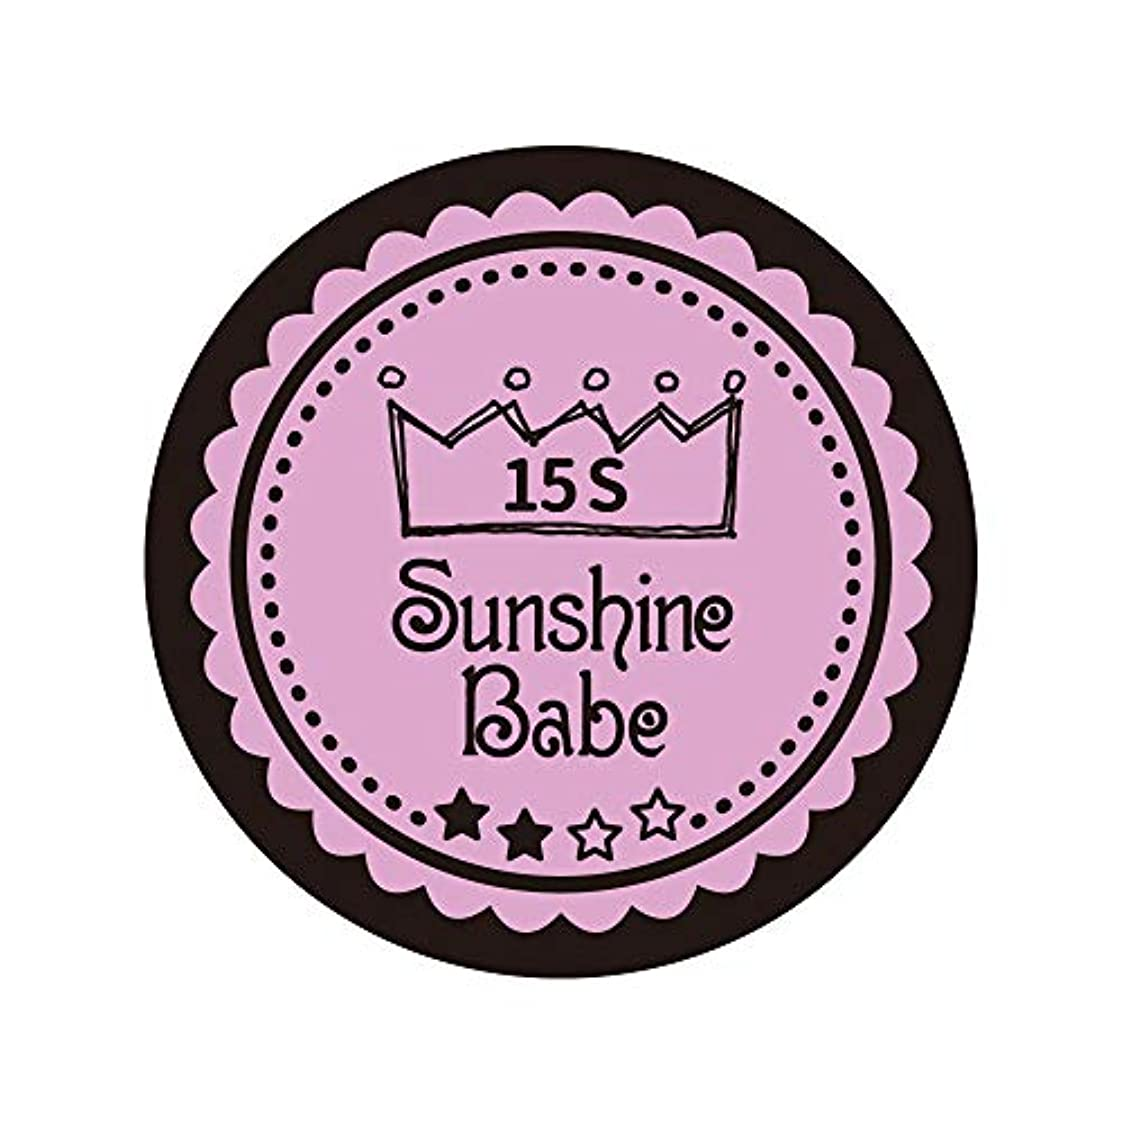 Sunshine Babe カラージェル 15S ピンクラベンダー 2.7g UV/LED対応